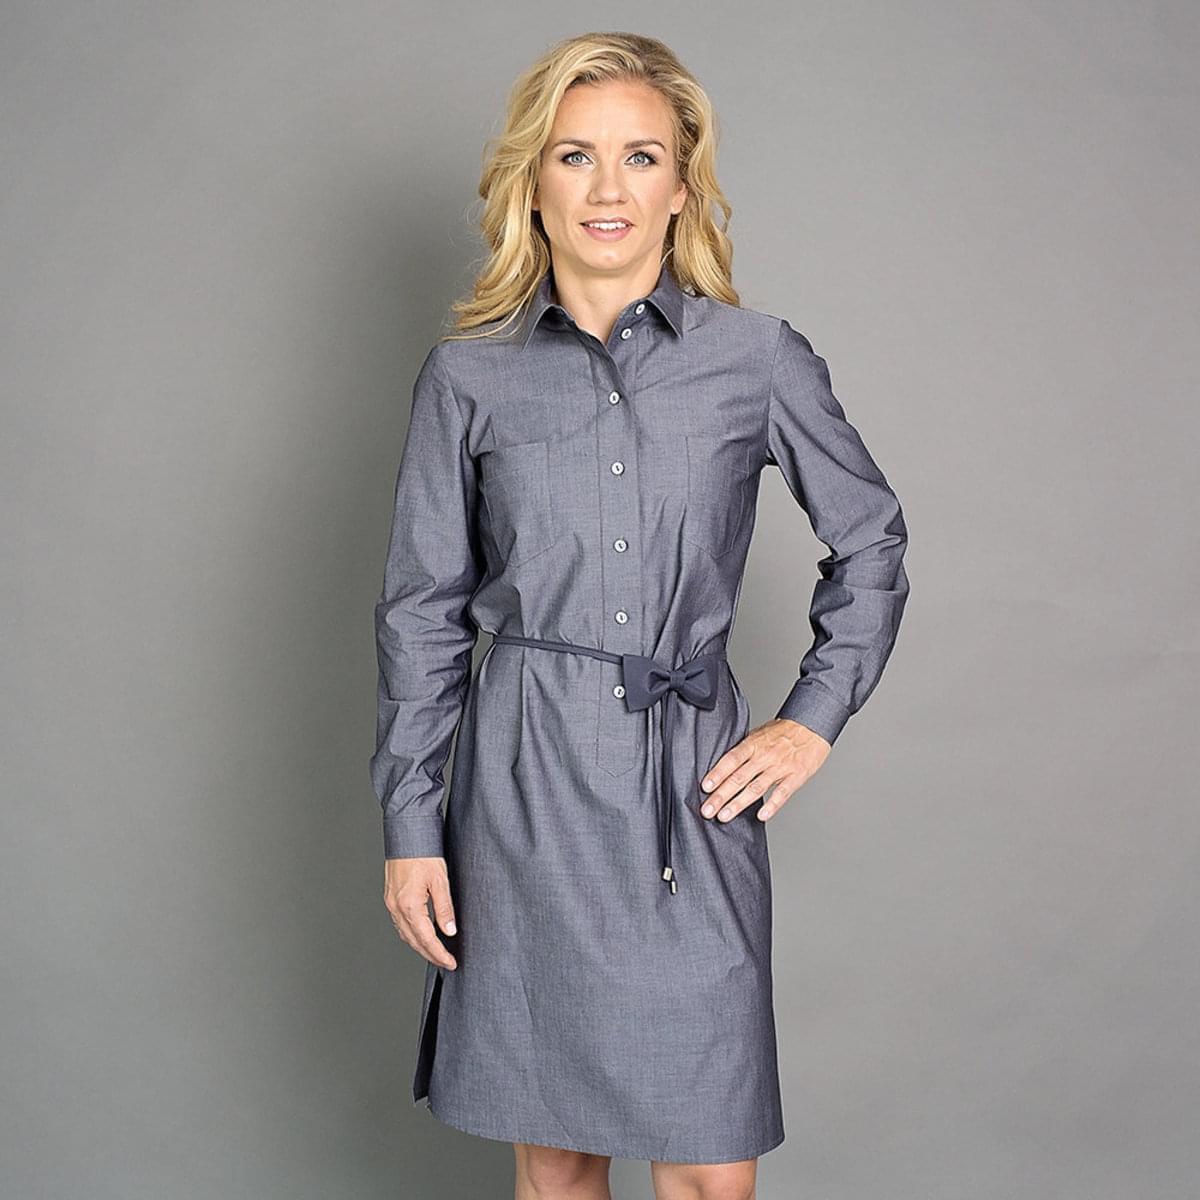 Dámské košilové šaty Safari Willsoor 6507 v antracitové barvě 42